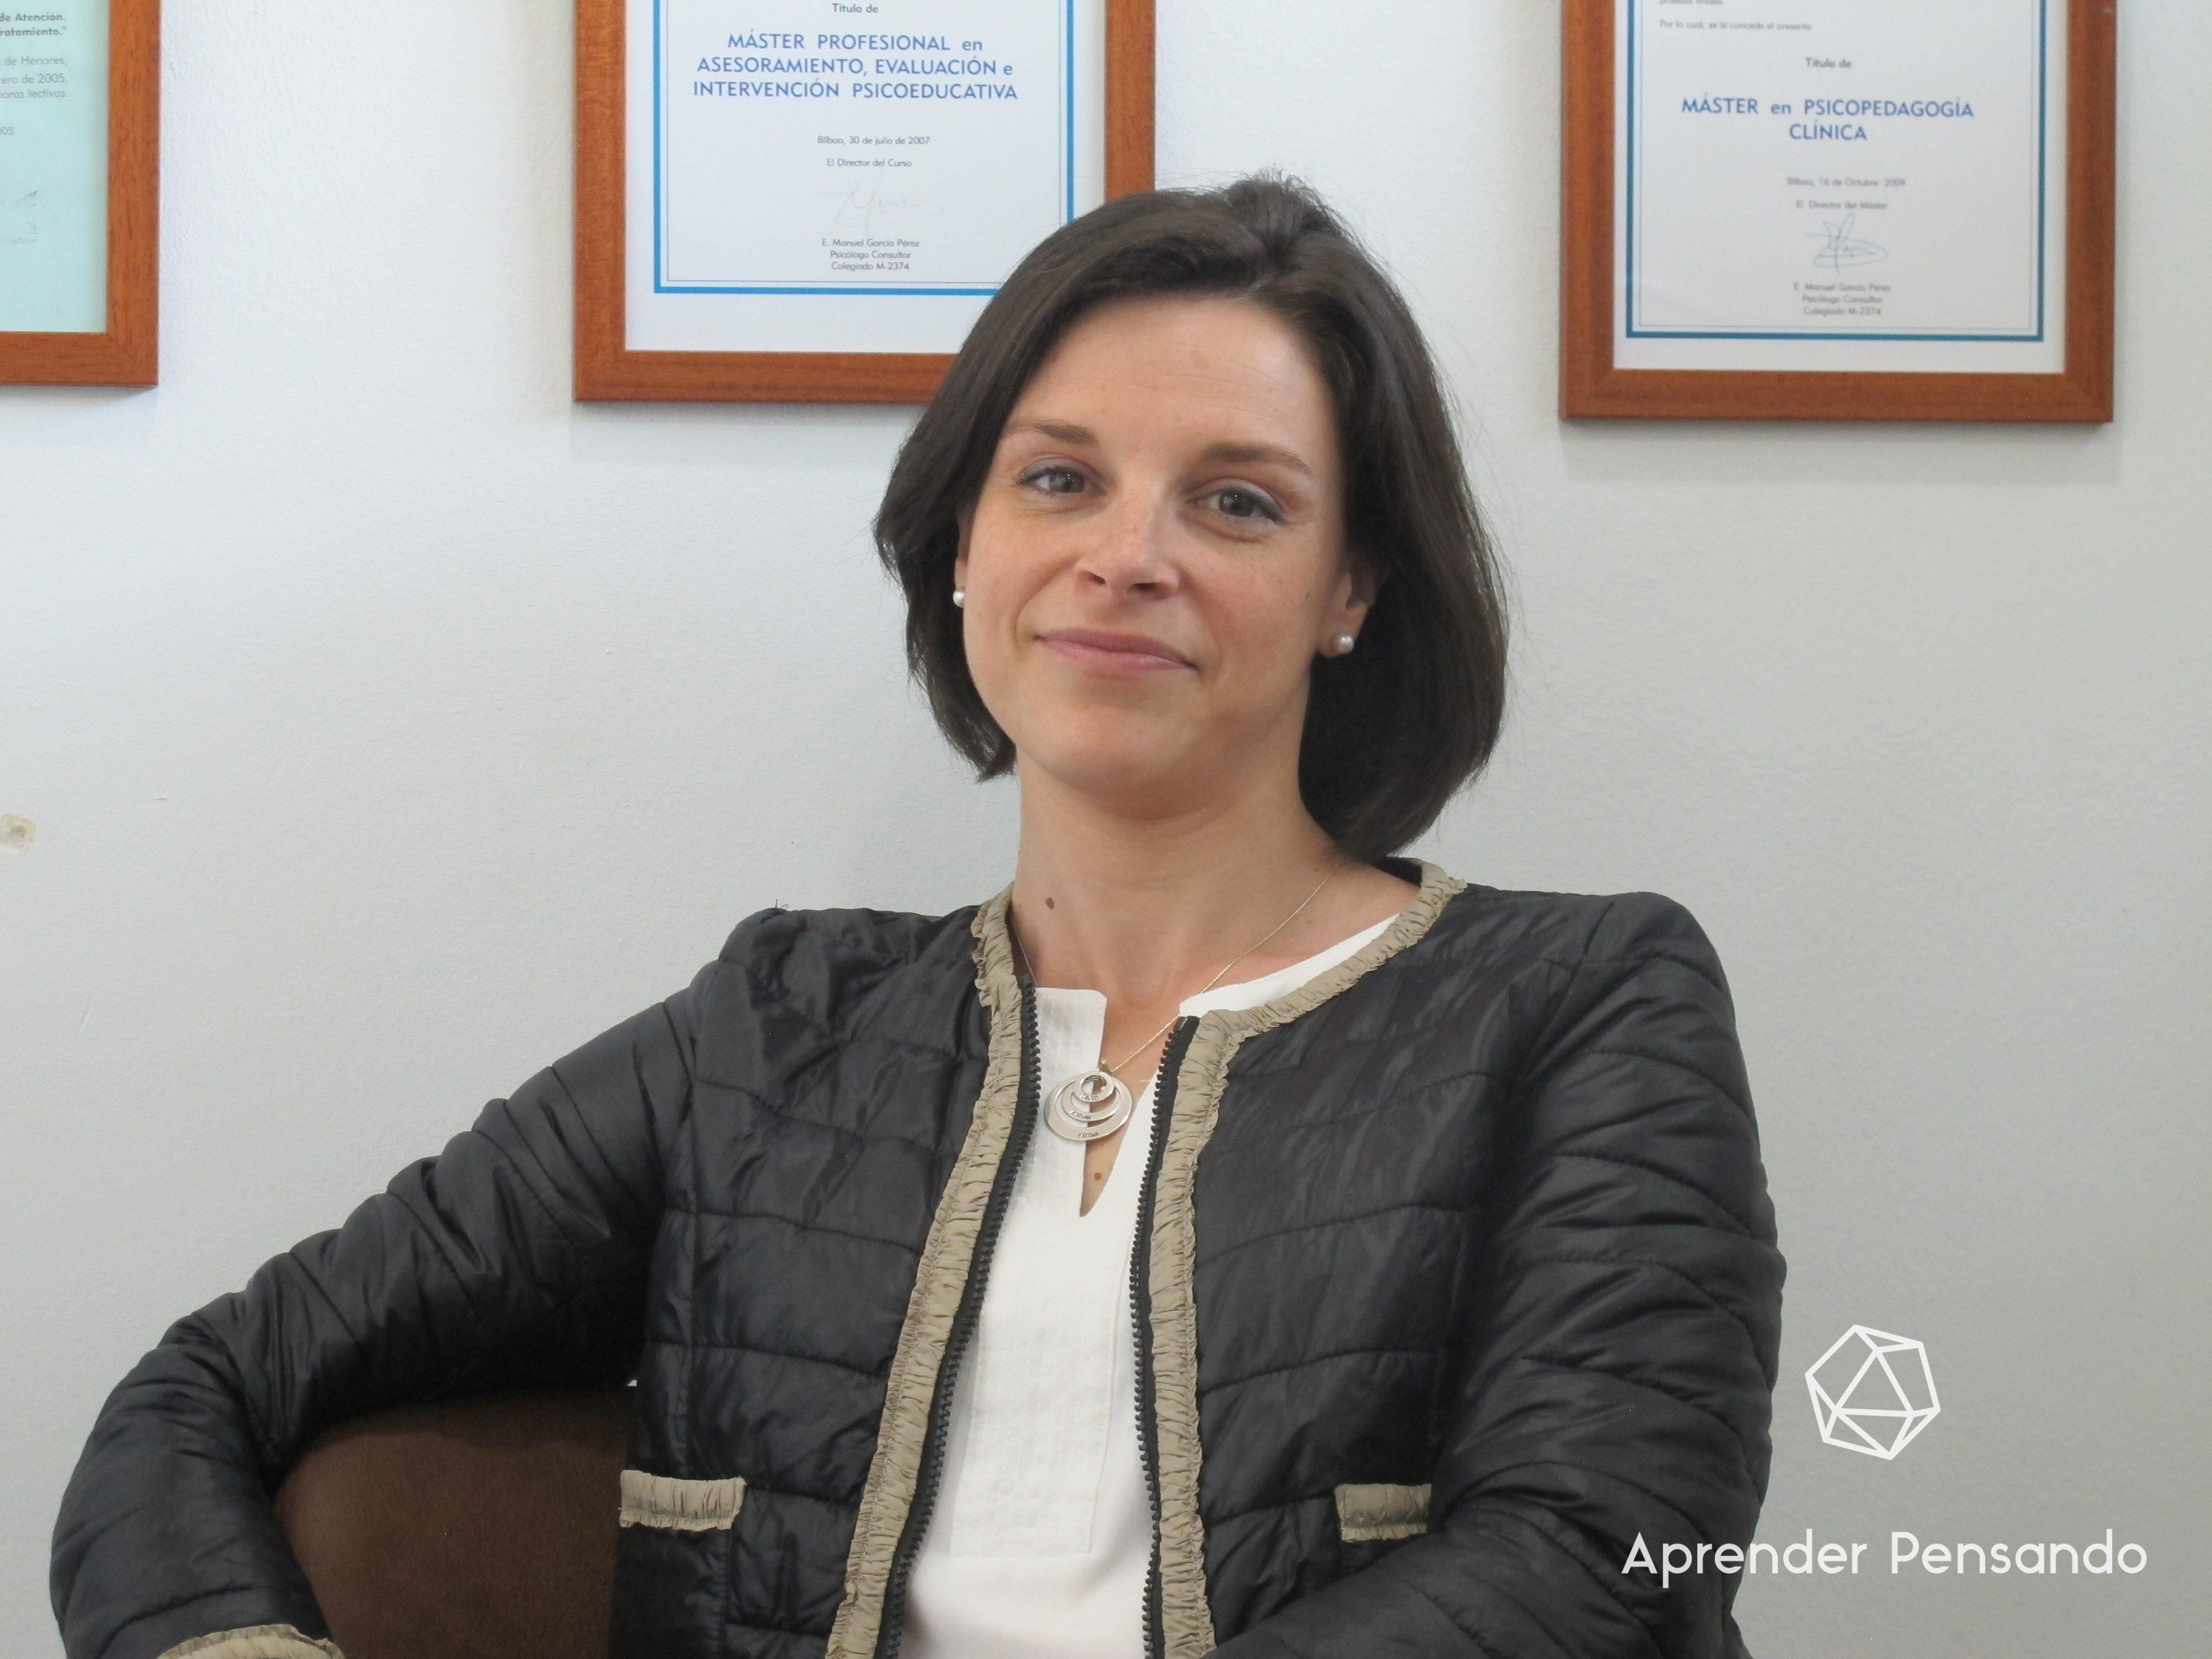 Pilar Jurado Ortiz - Aprender Pensando